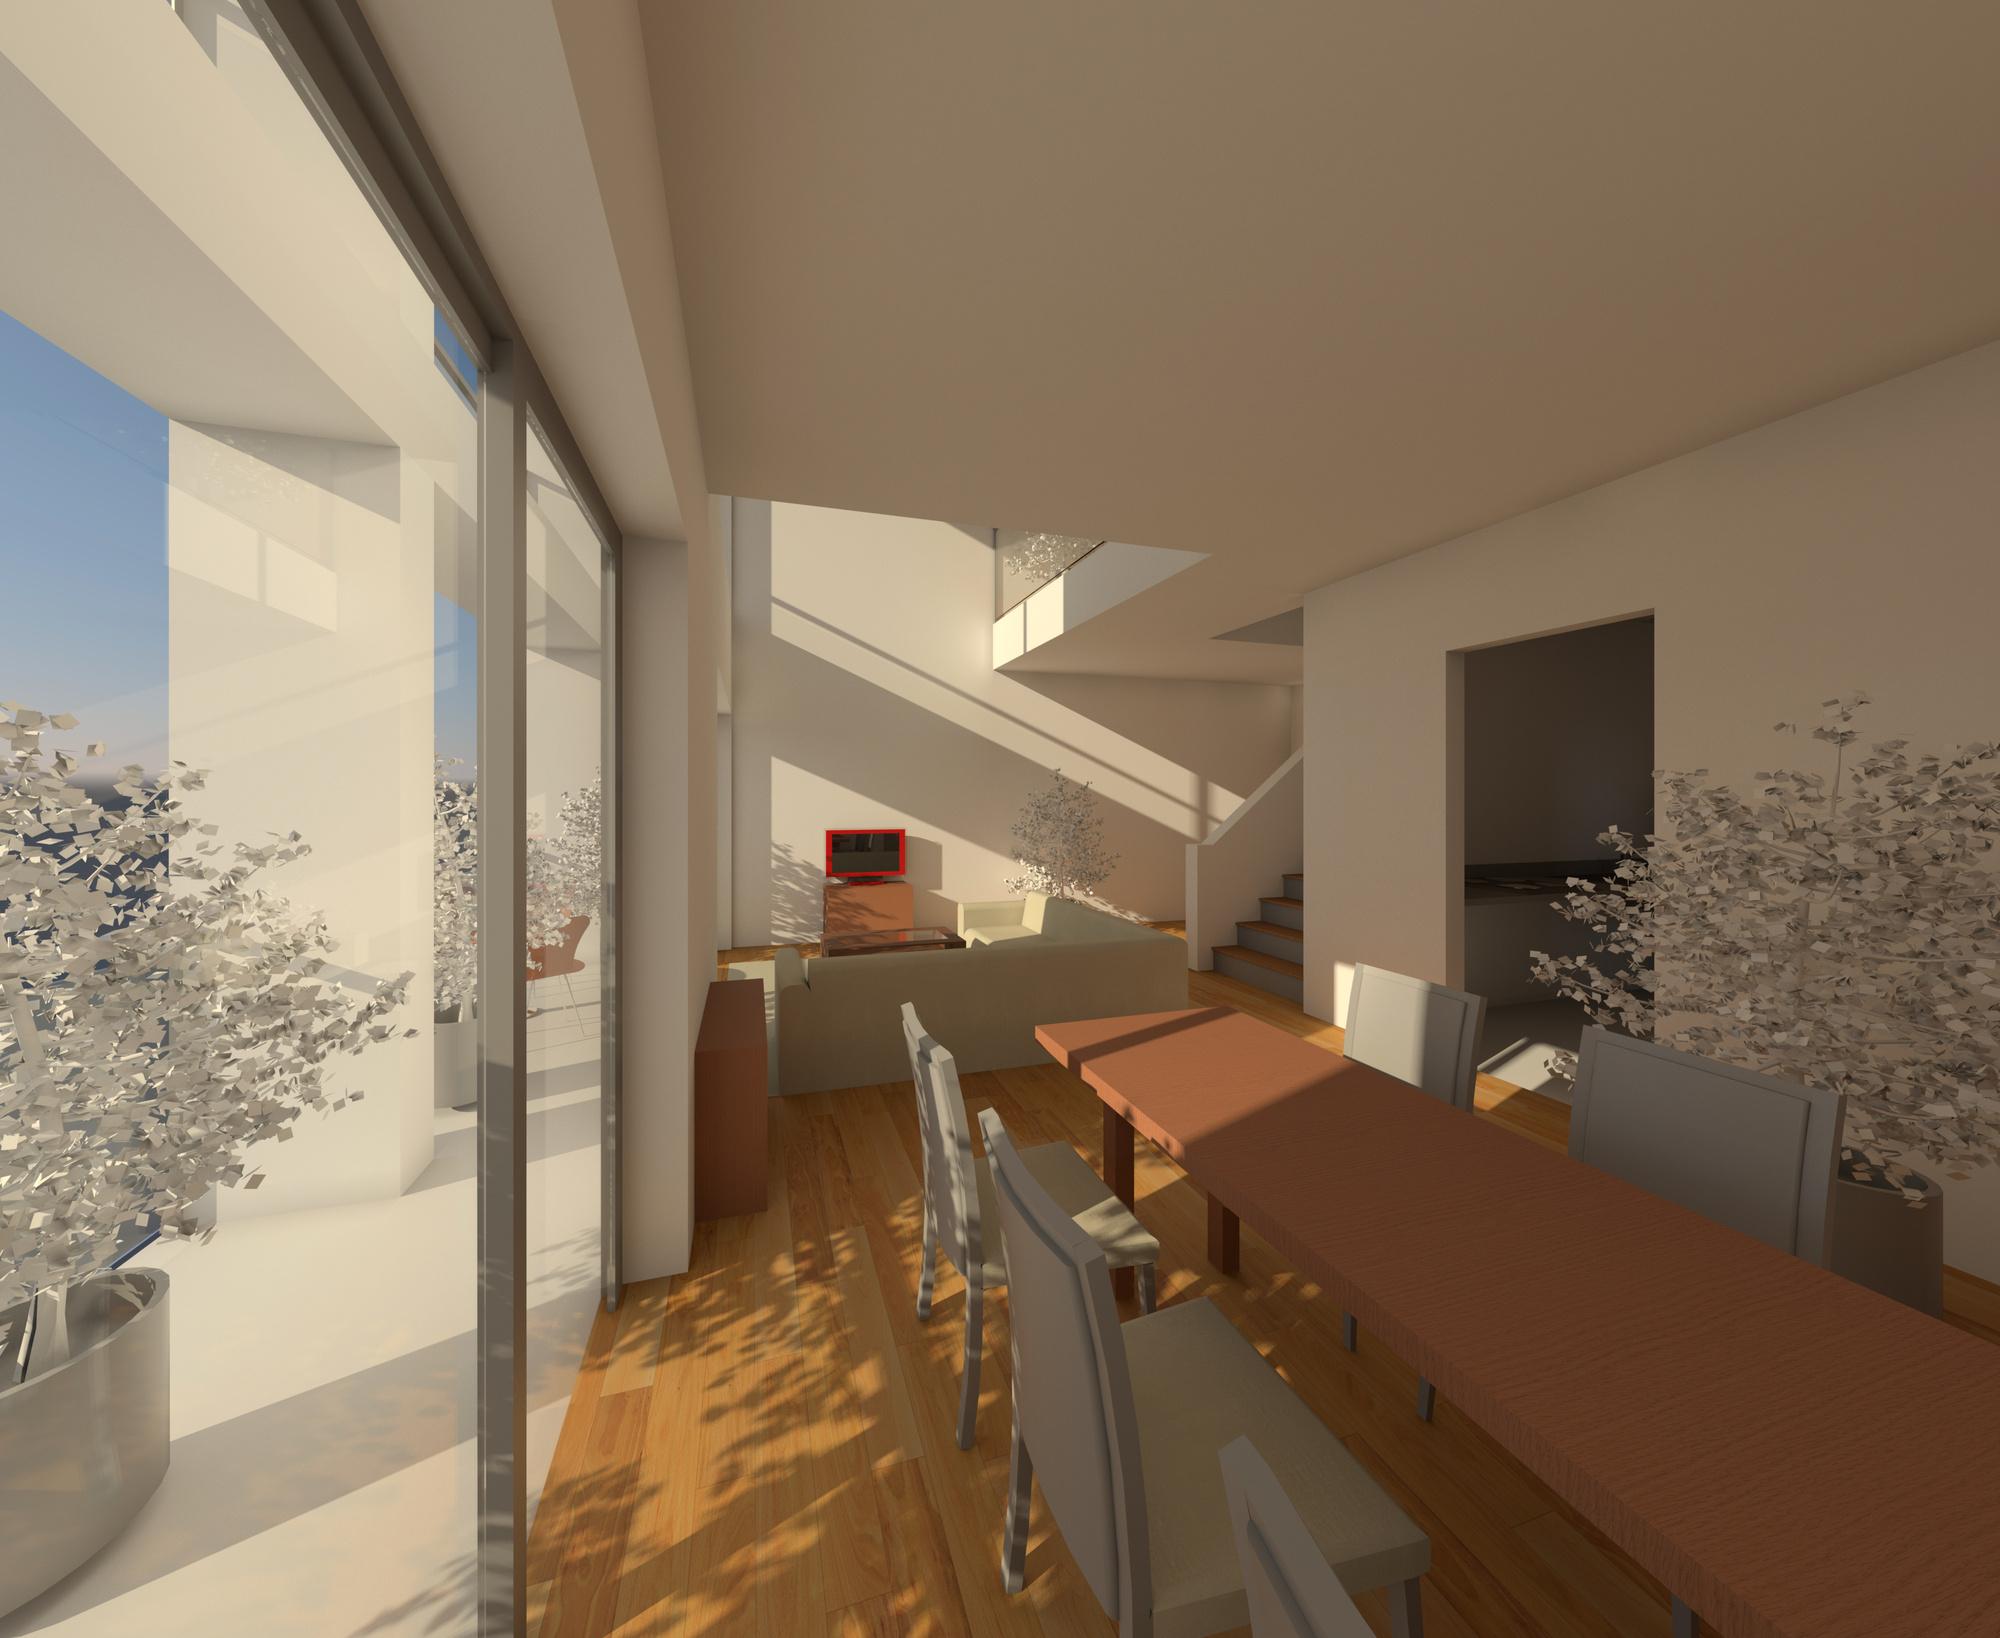 Raas-rendering20150305-17586-1sez88r